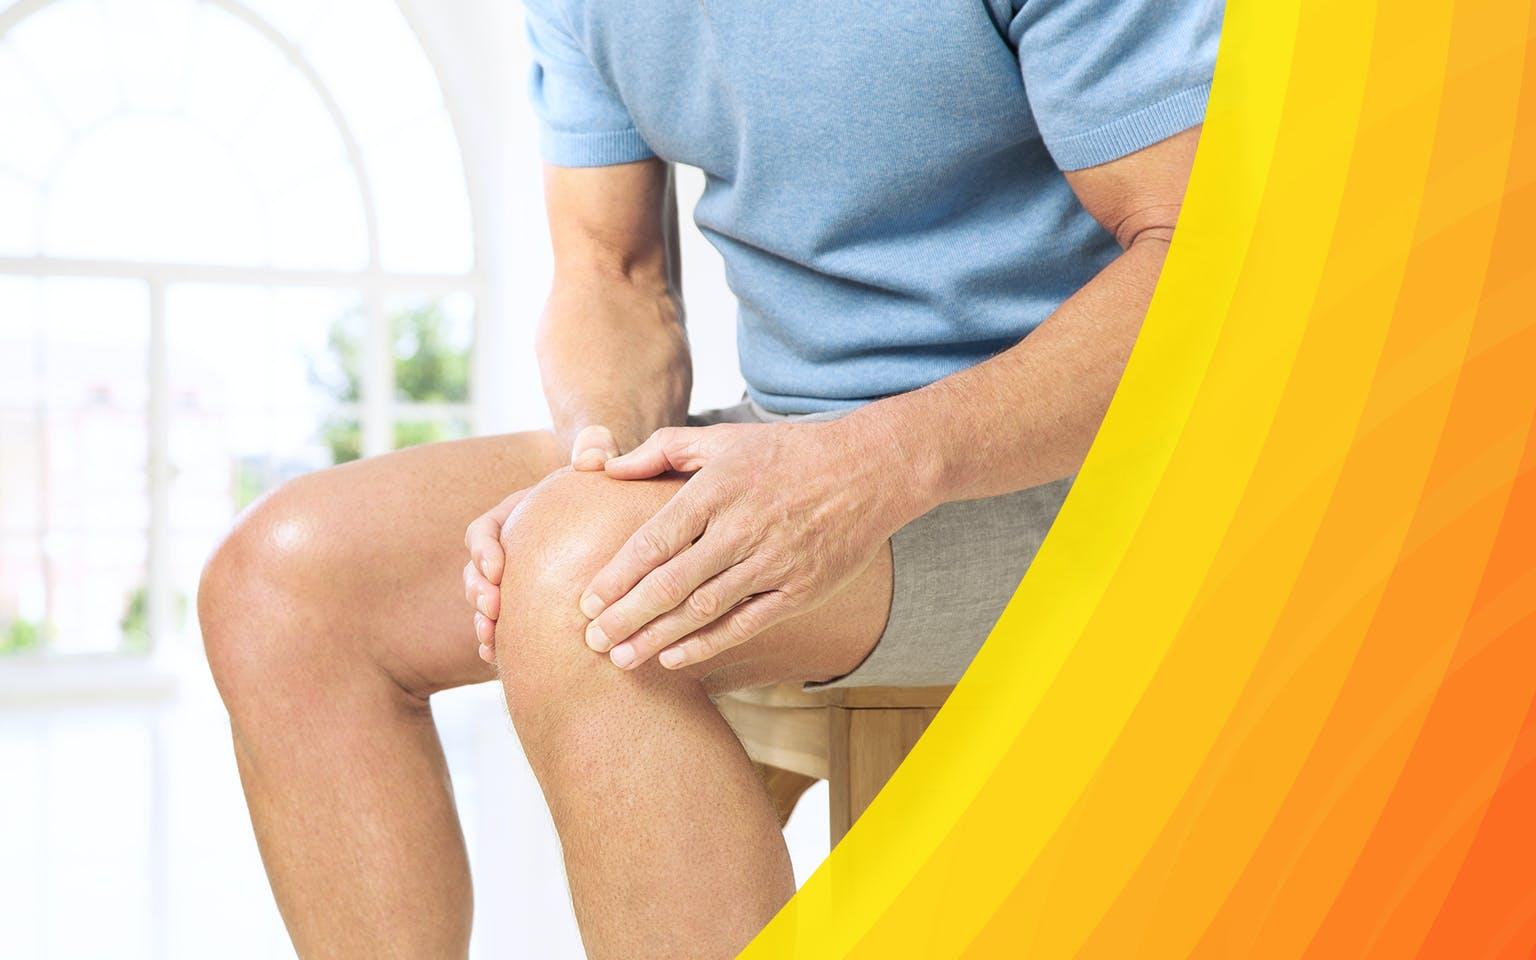 gydymas skausmas rankų sąnarių namuose jei sąnariai kenkia pirštus